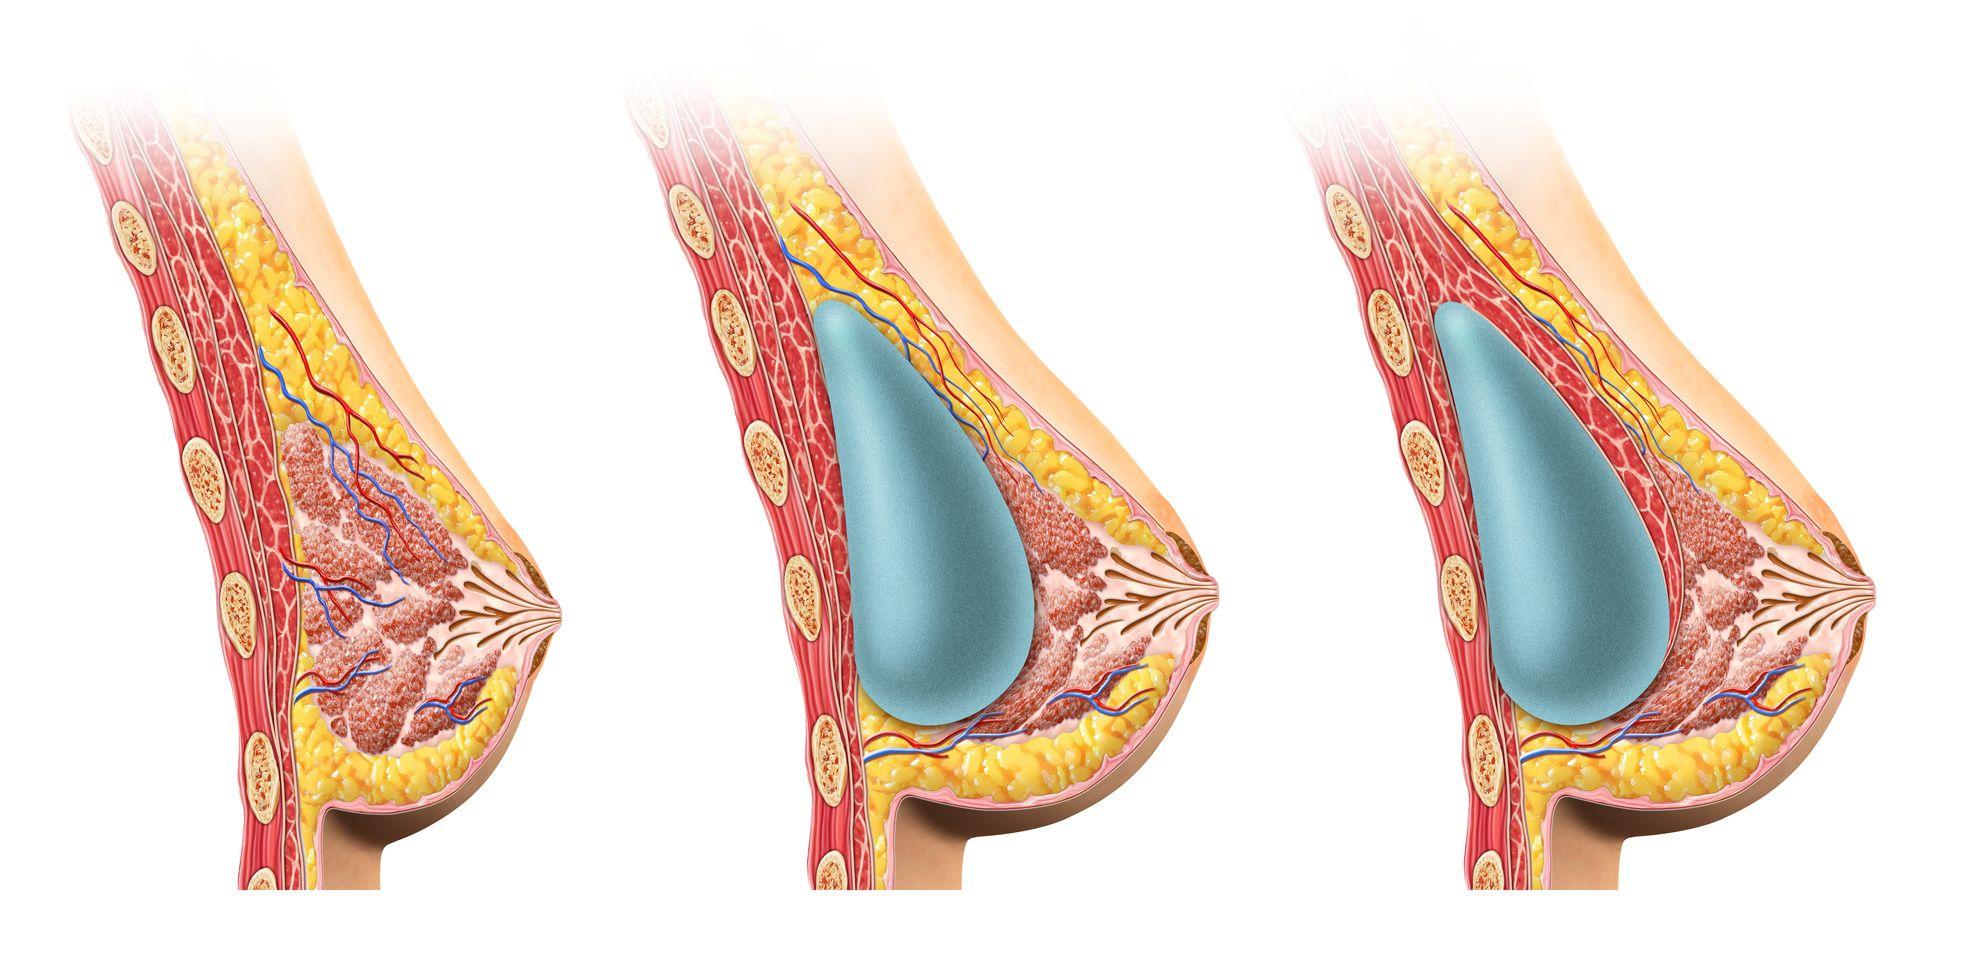 нарастание ткани вокруг импланта груди